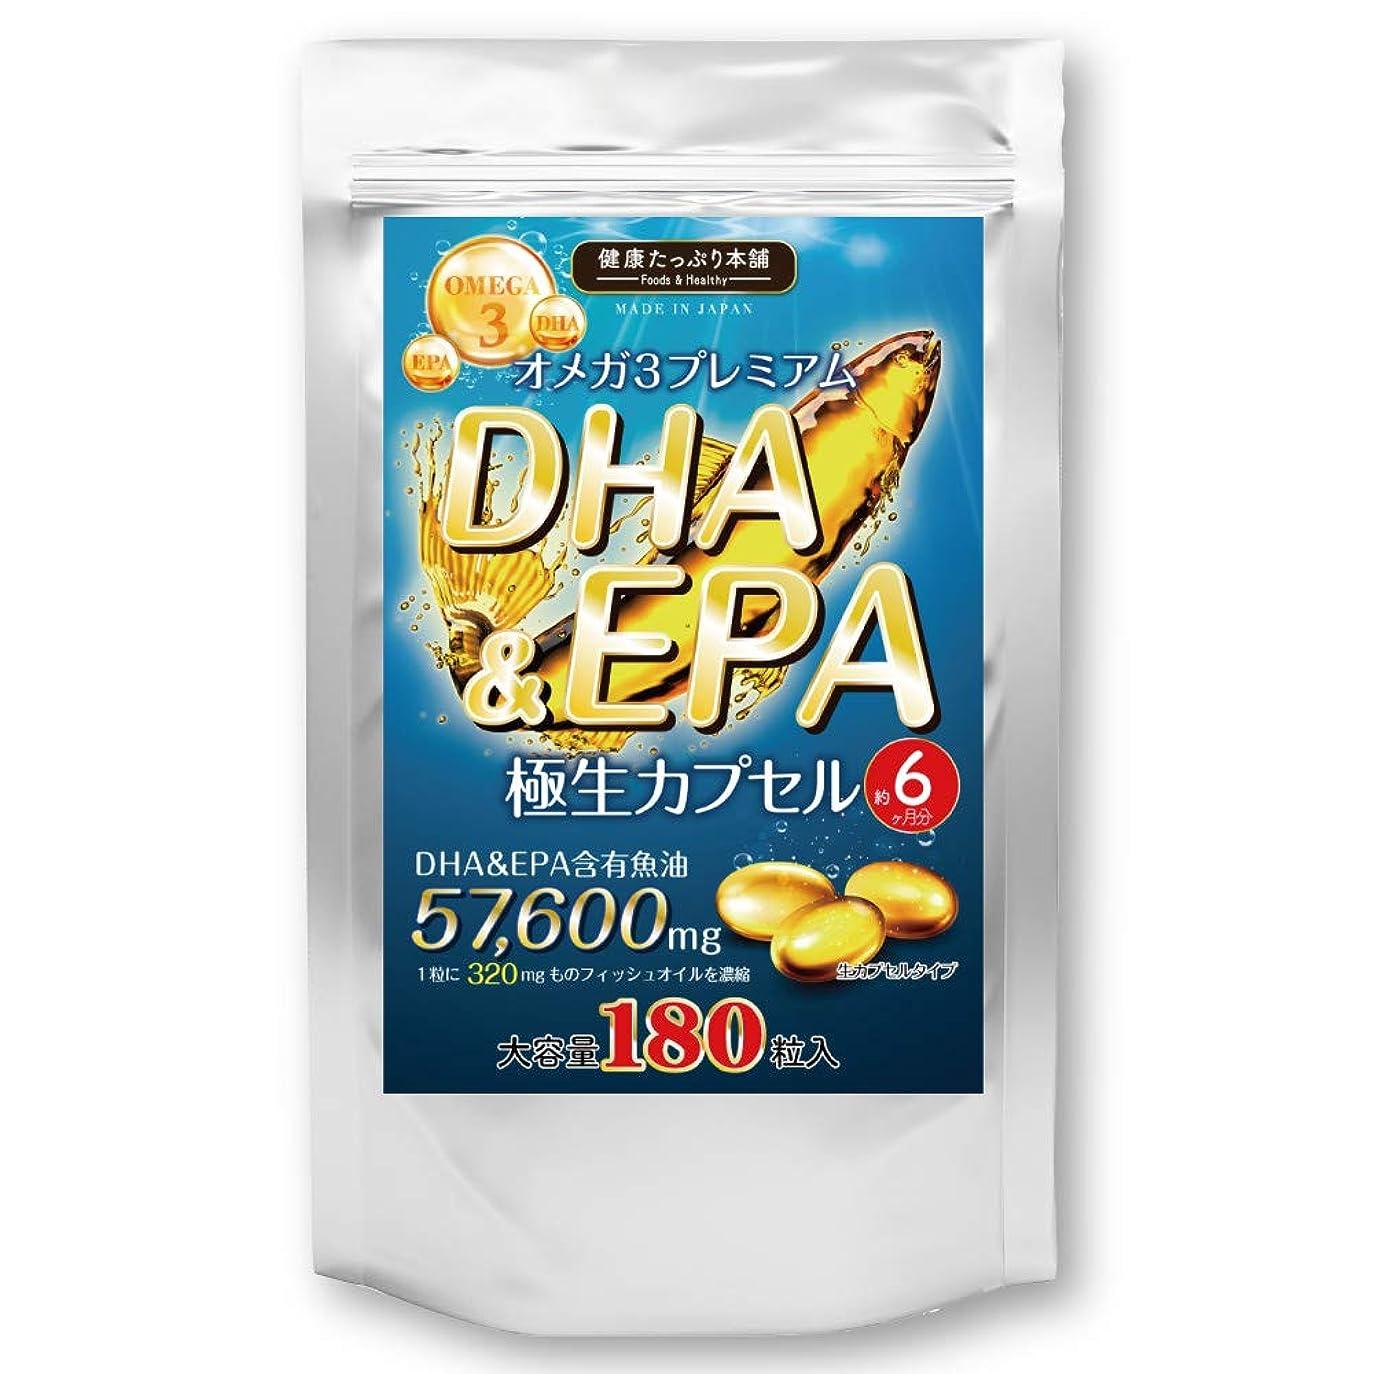 欲しいですノートバラエティオメガ3プレミアム DHA&EPA 極生ソフトカプセル 大容量約6ヶ月分/180粒(DHA含有魚油?EPA含有魚油)